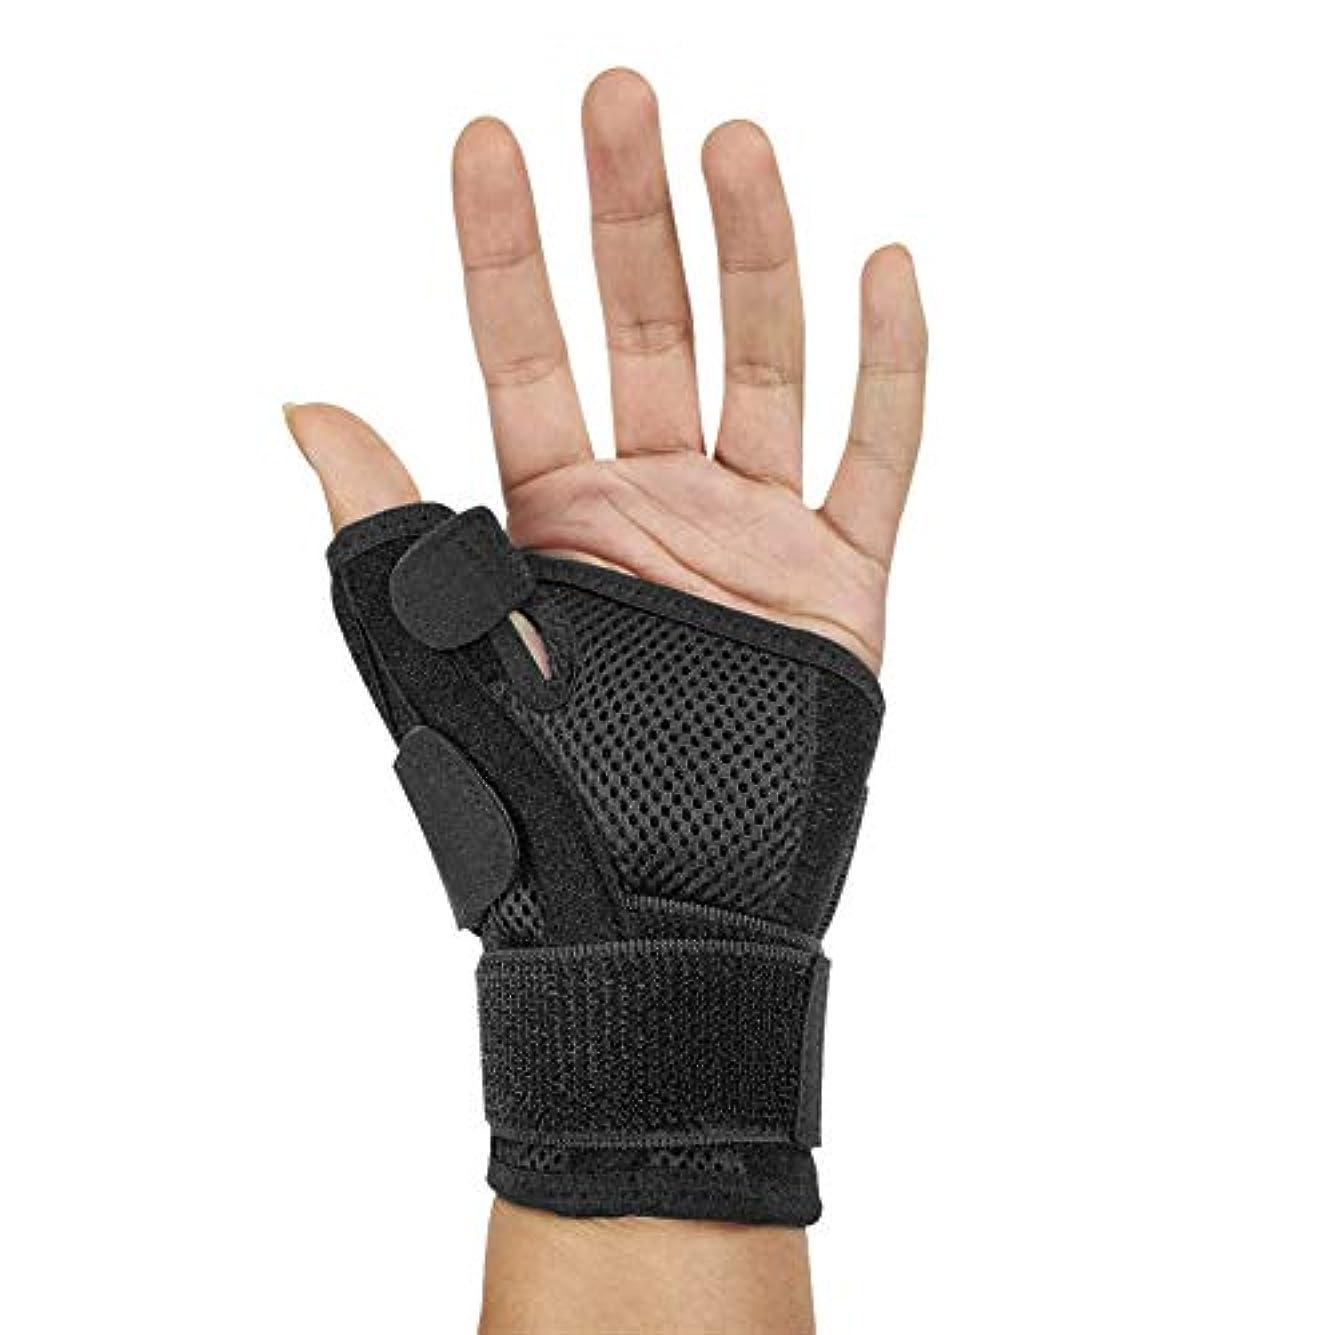 近々急流国民投票指サポーター ばね指サポーター バネ指 腱鞘炎 指保護 固定 調整自在 左右兼用 フリーサイズ